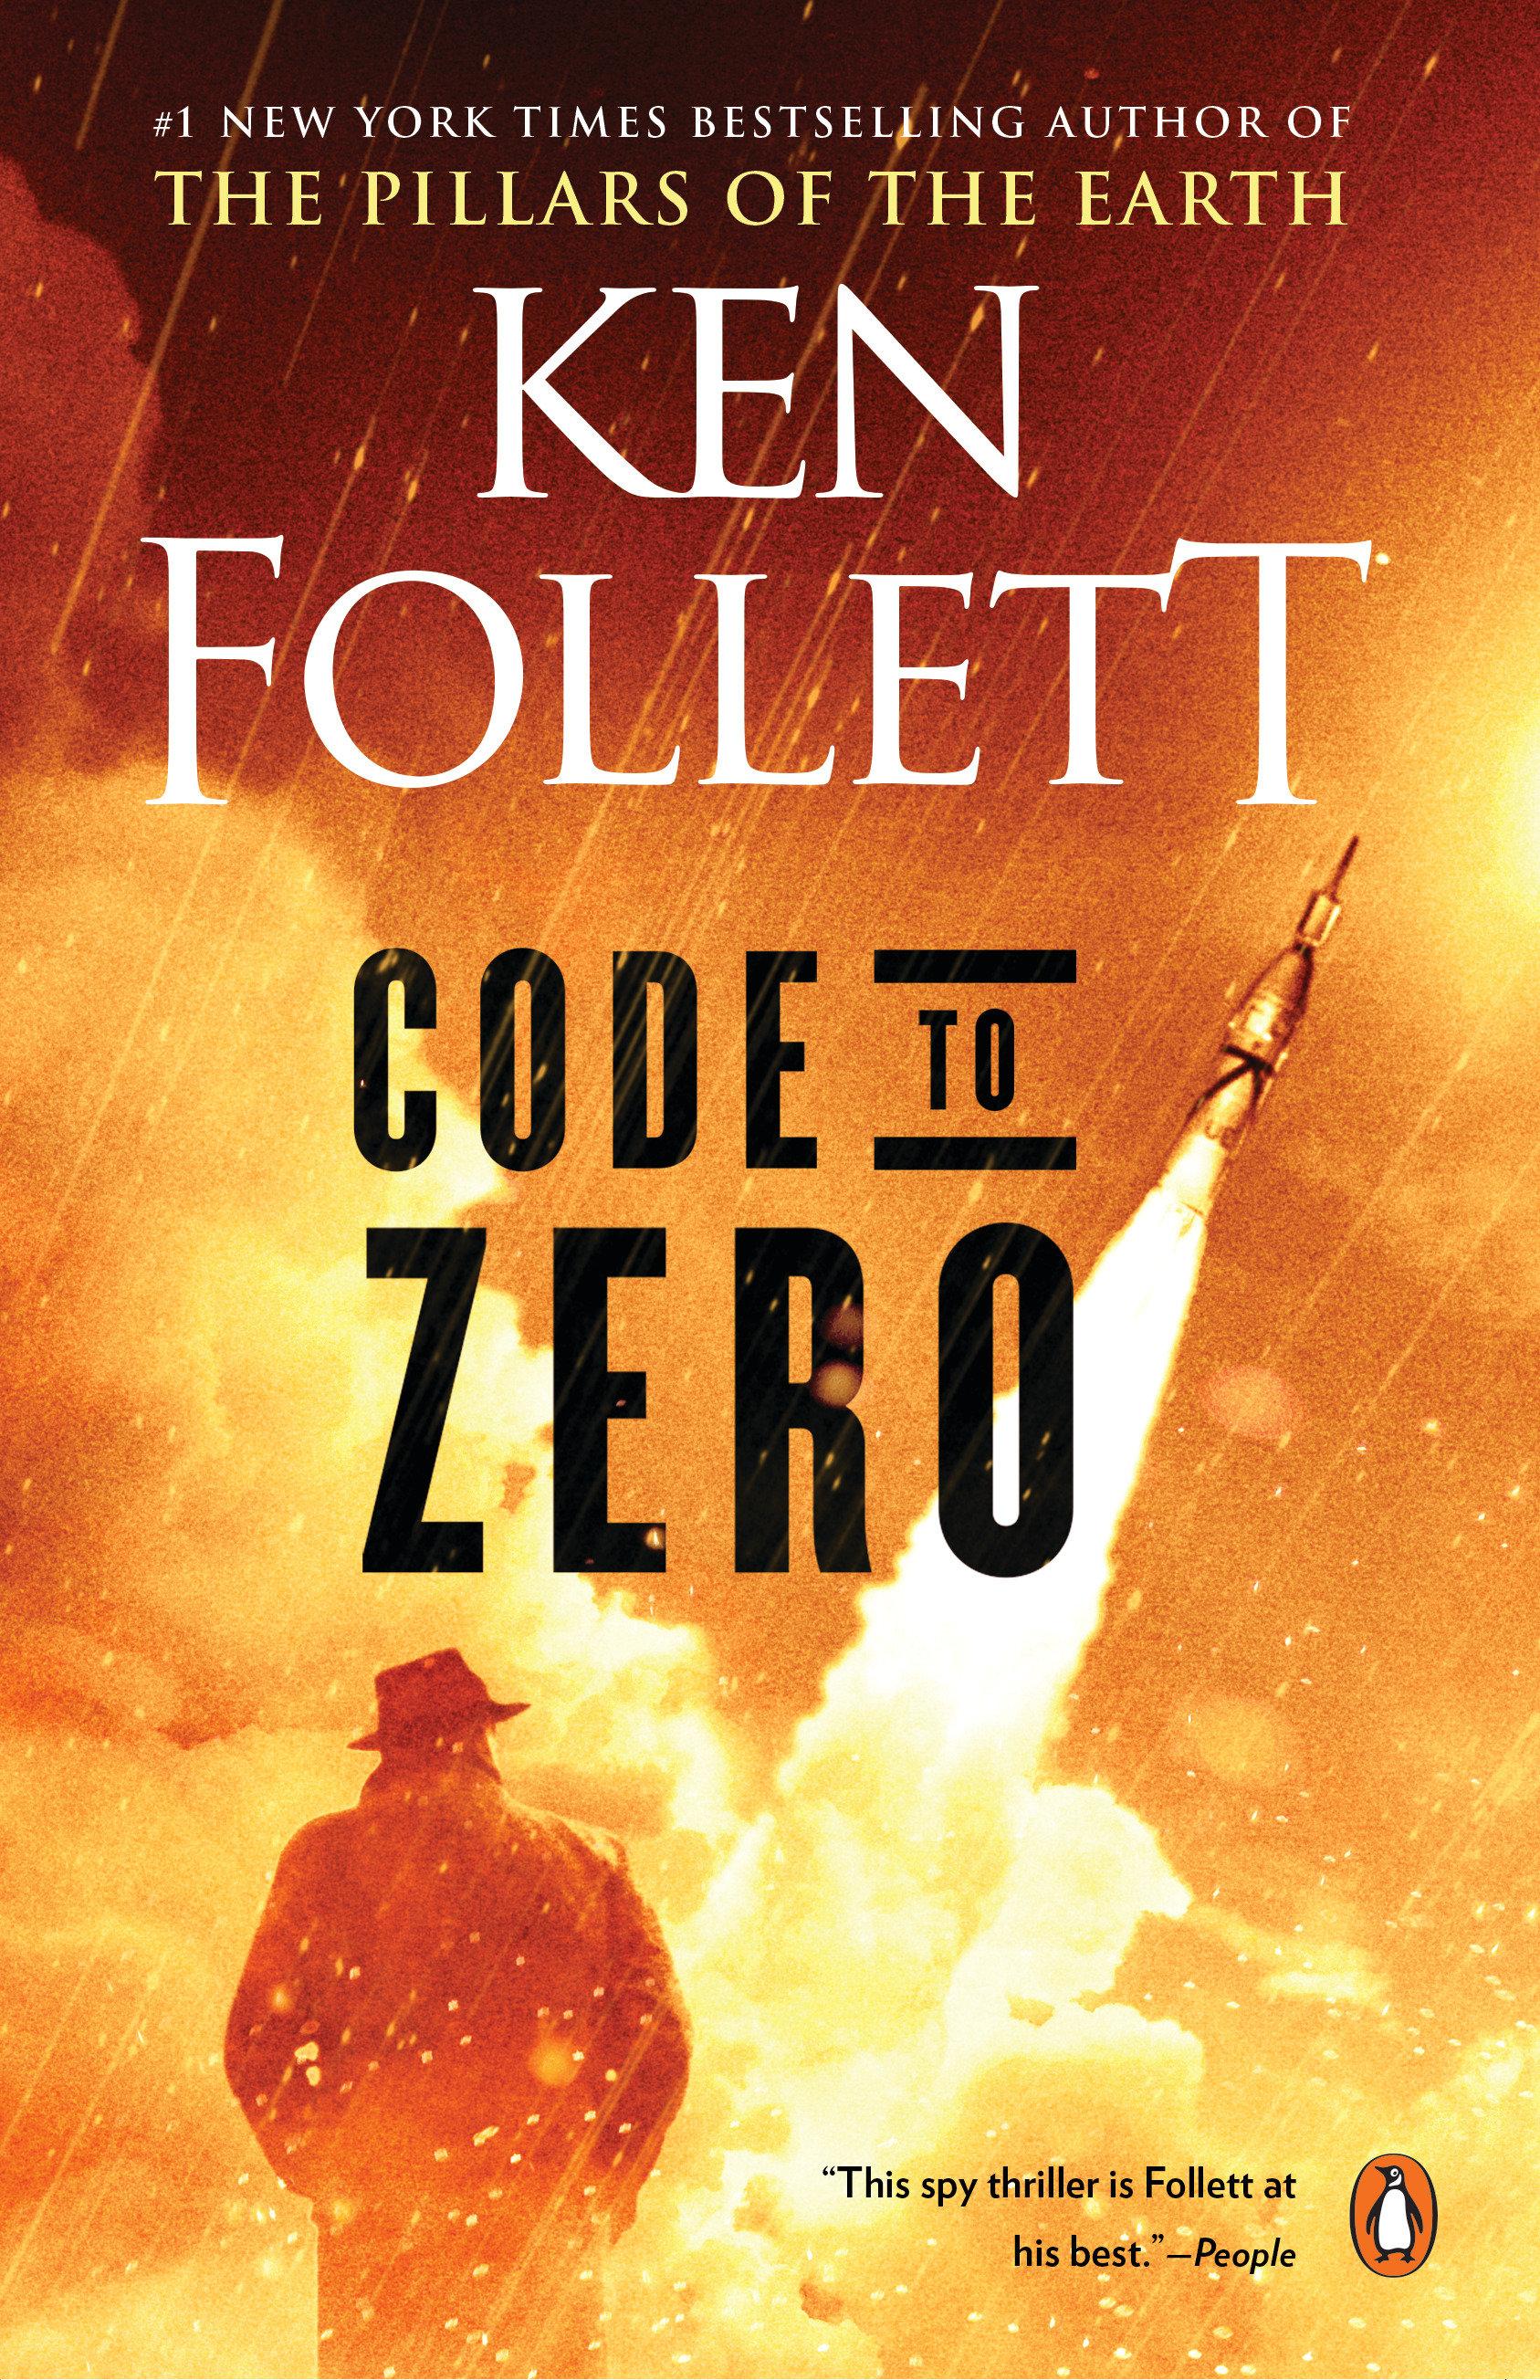 Code to zero cover image